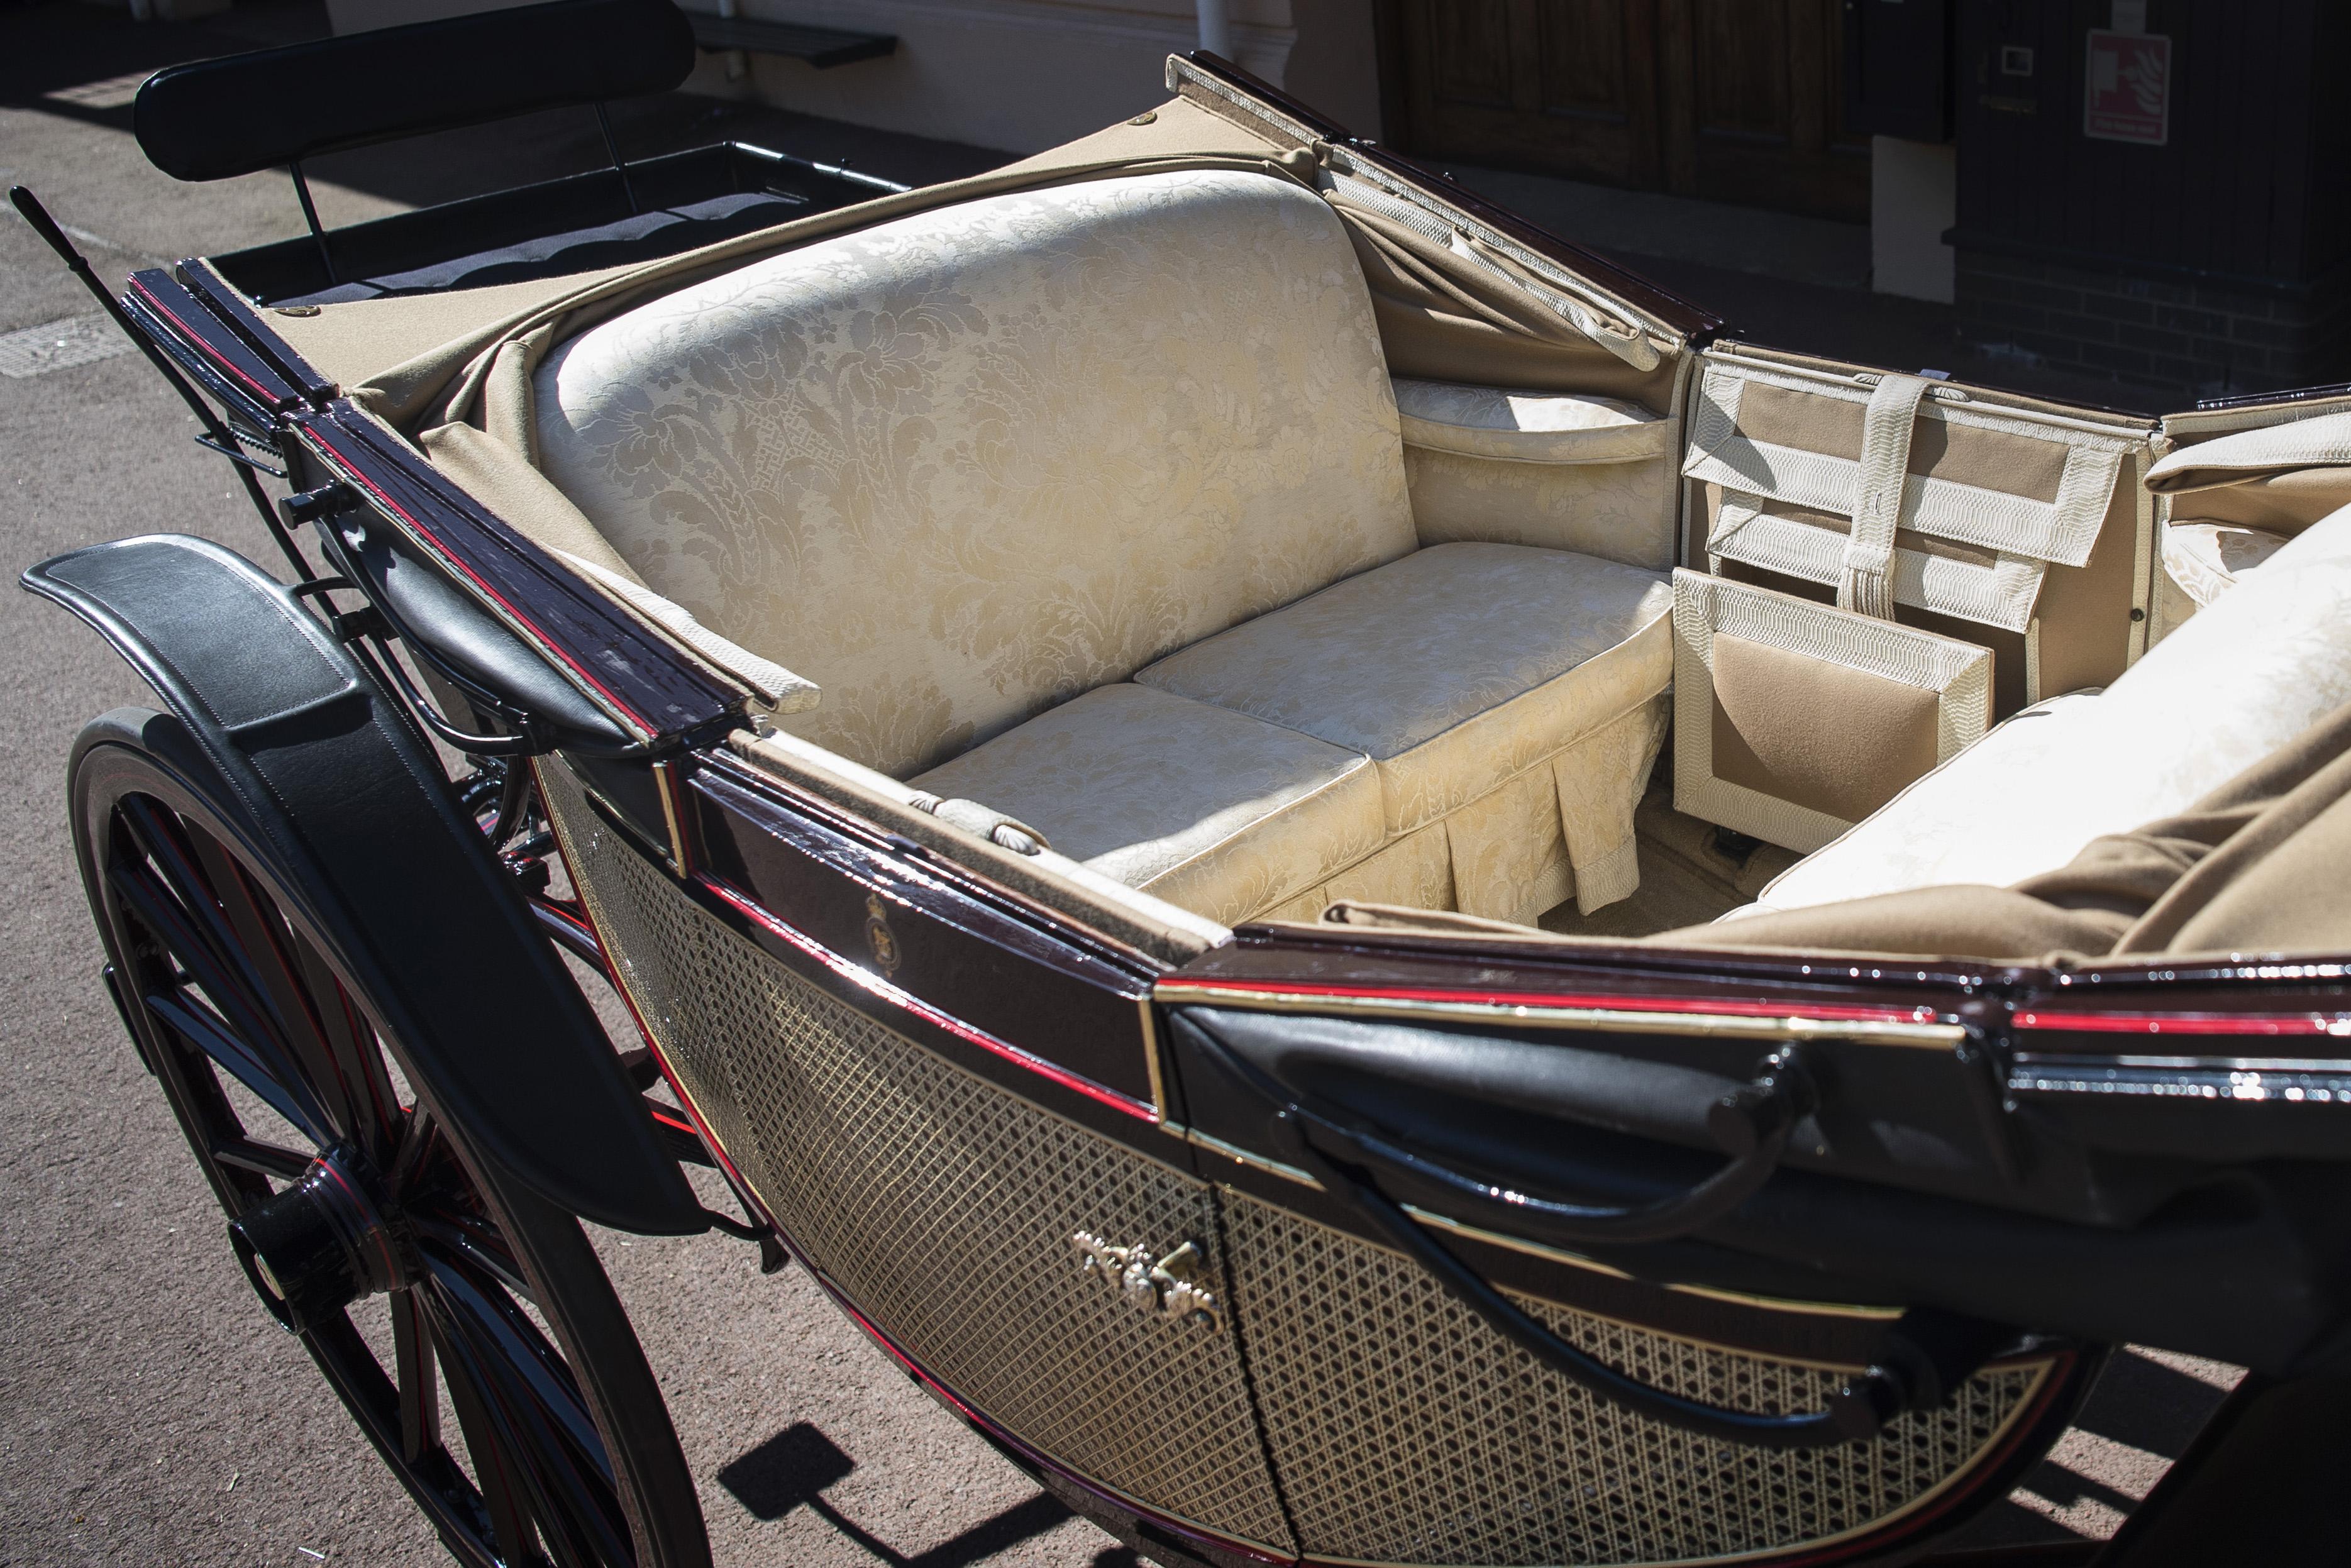 royal wedding carriage photos